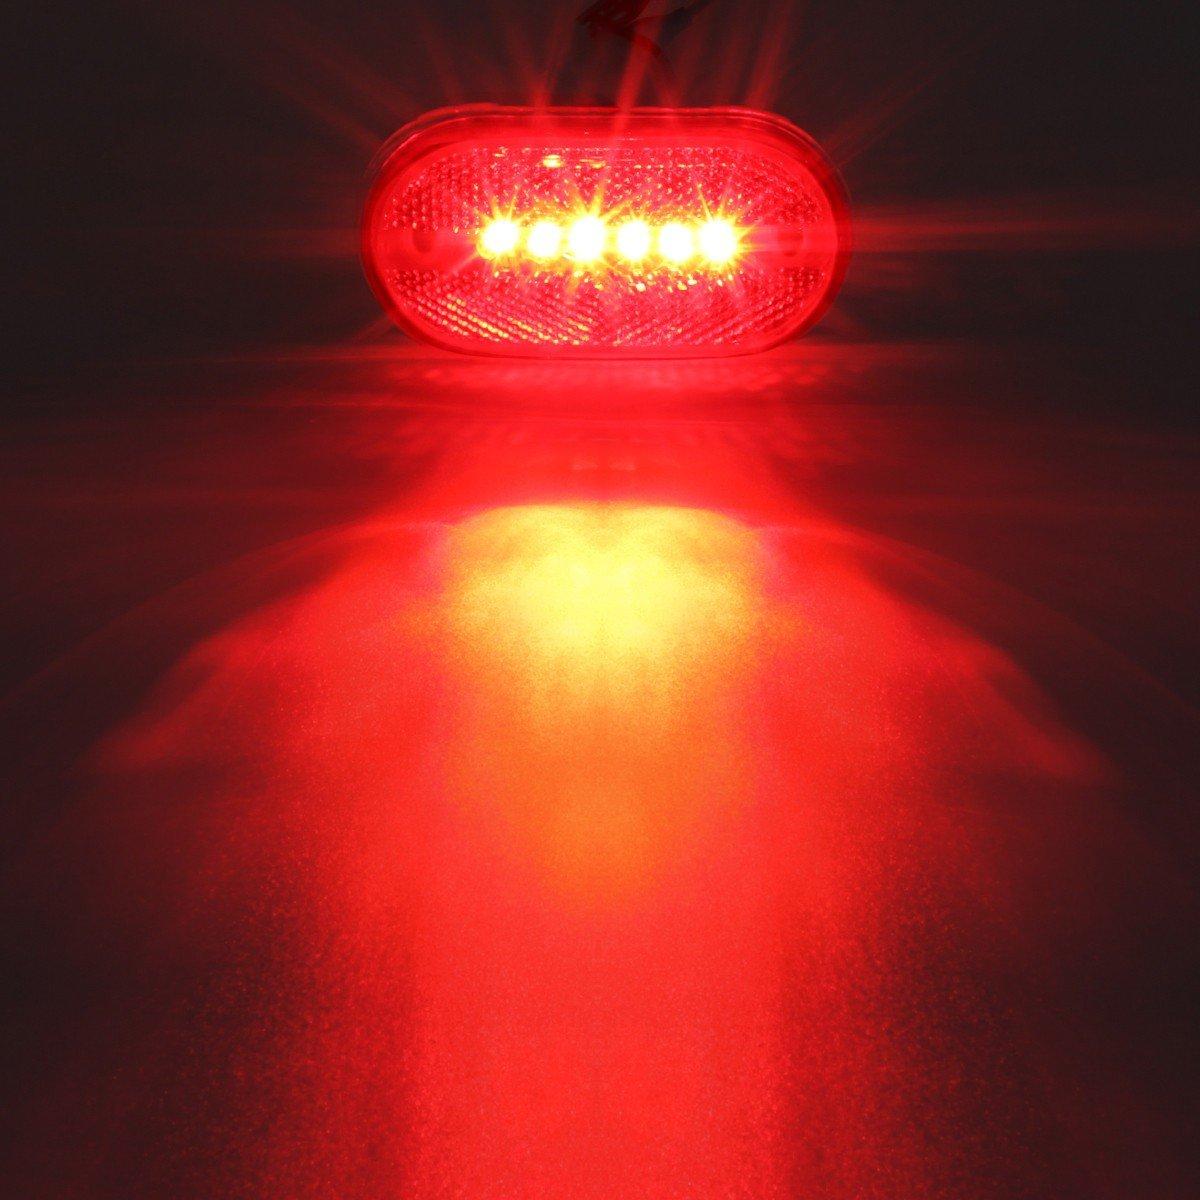 7 Red /& 5 Amber Sealed Surface Mount 2x4 Oblong RV Camper Led Marker Lights 6LED Partsam Rectangle Rectangular 4 x 2 Led Trailer Clearance Side Marker Lights with Reflex Lens